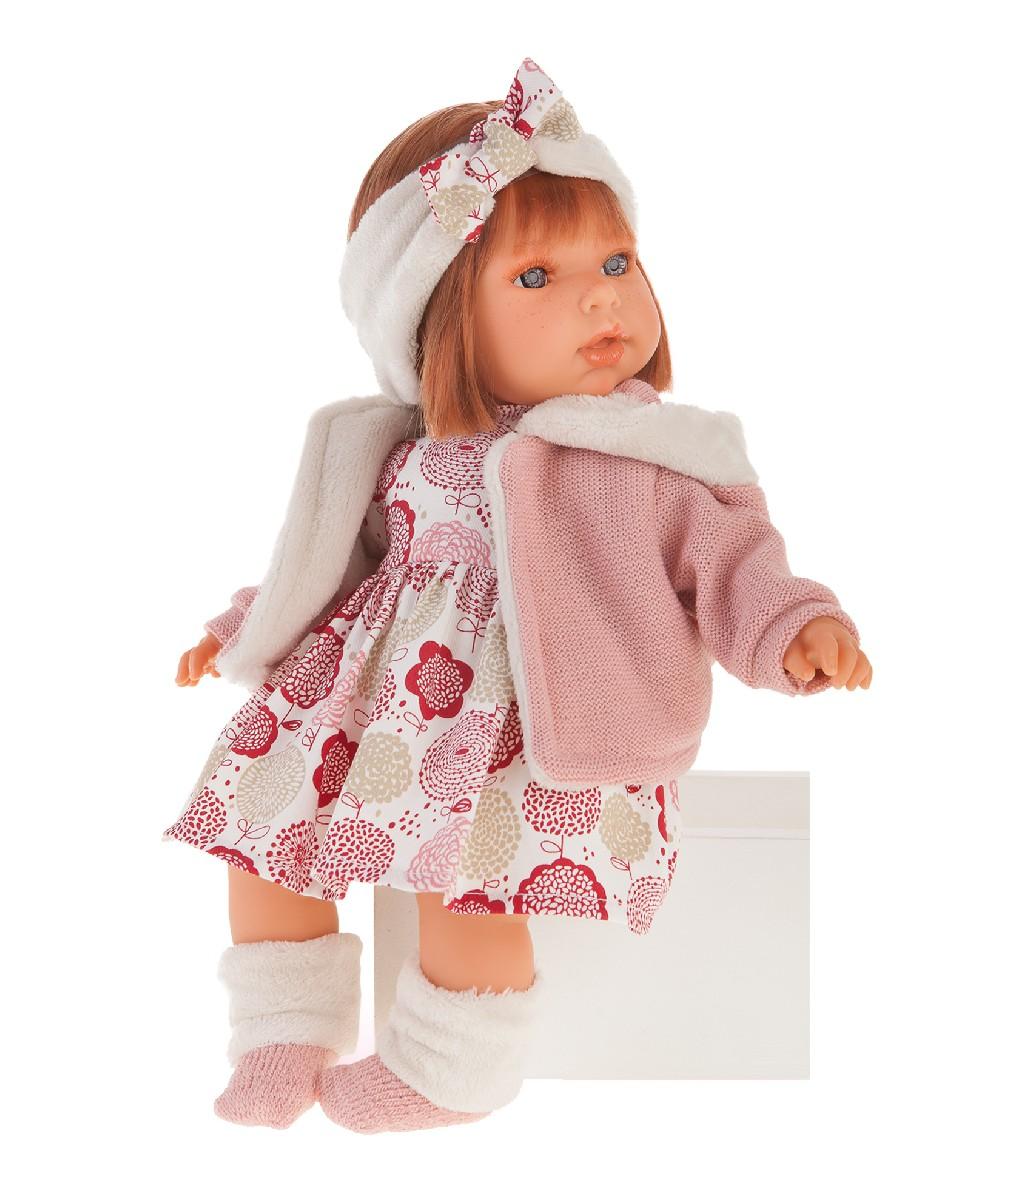 Купить Antonio Juan 1561P Озвученная кукла Валентина в розовом, 37 см, Испания